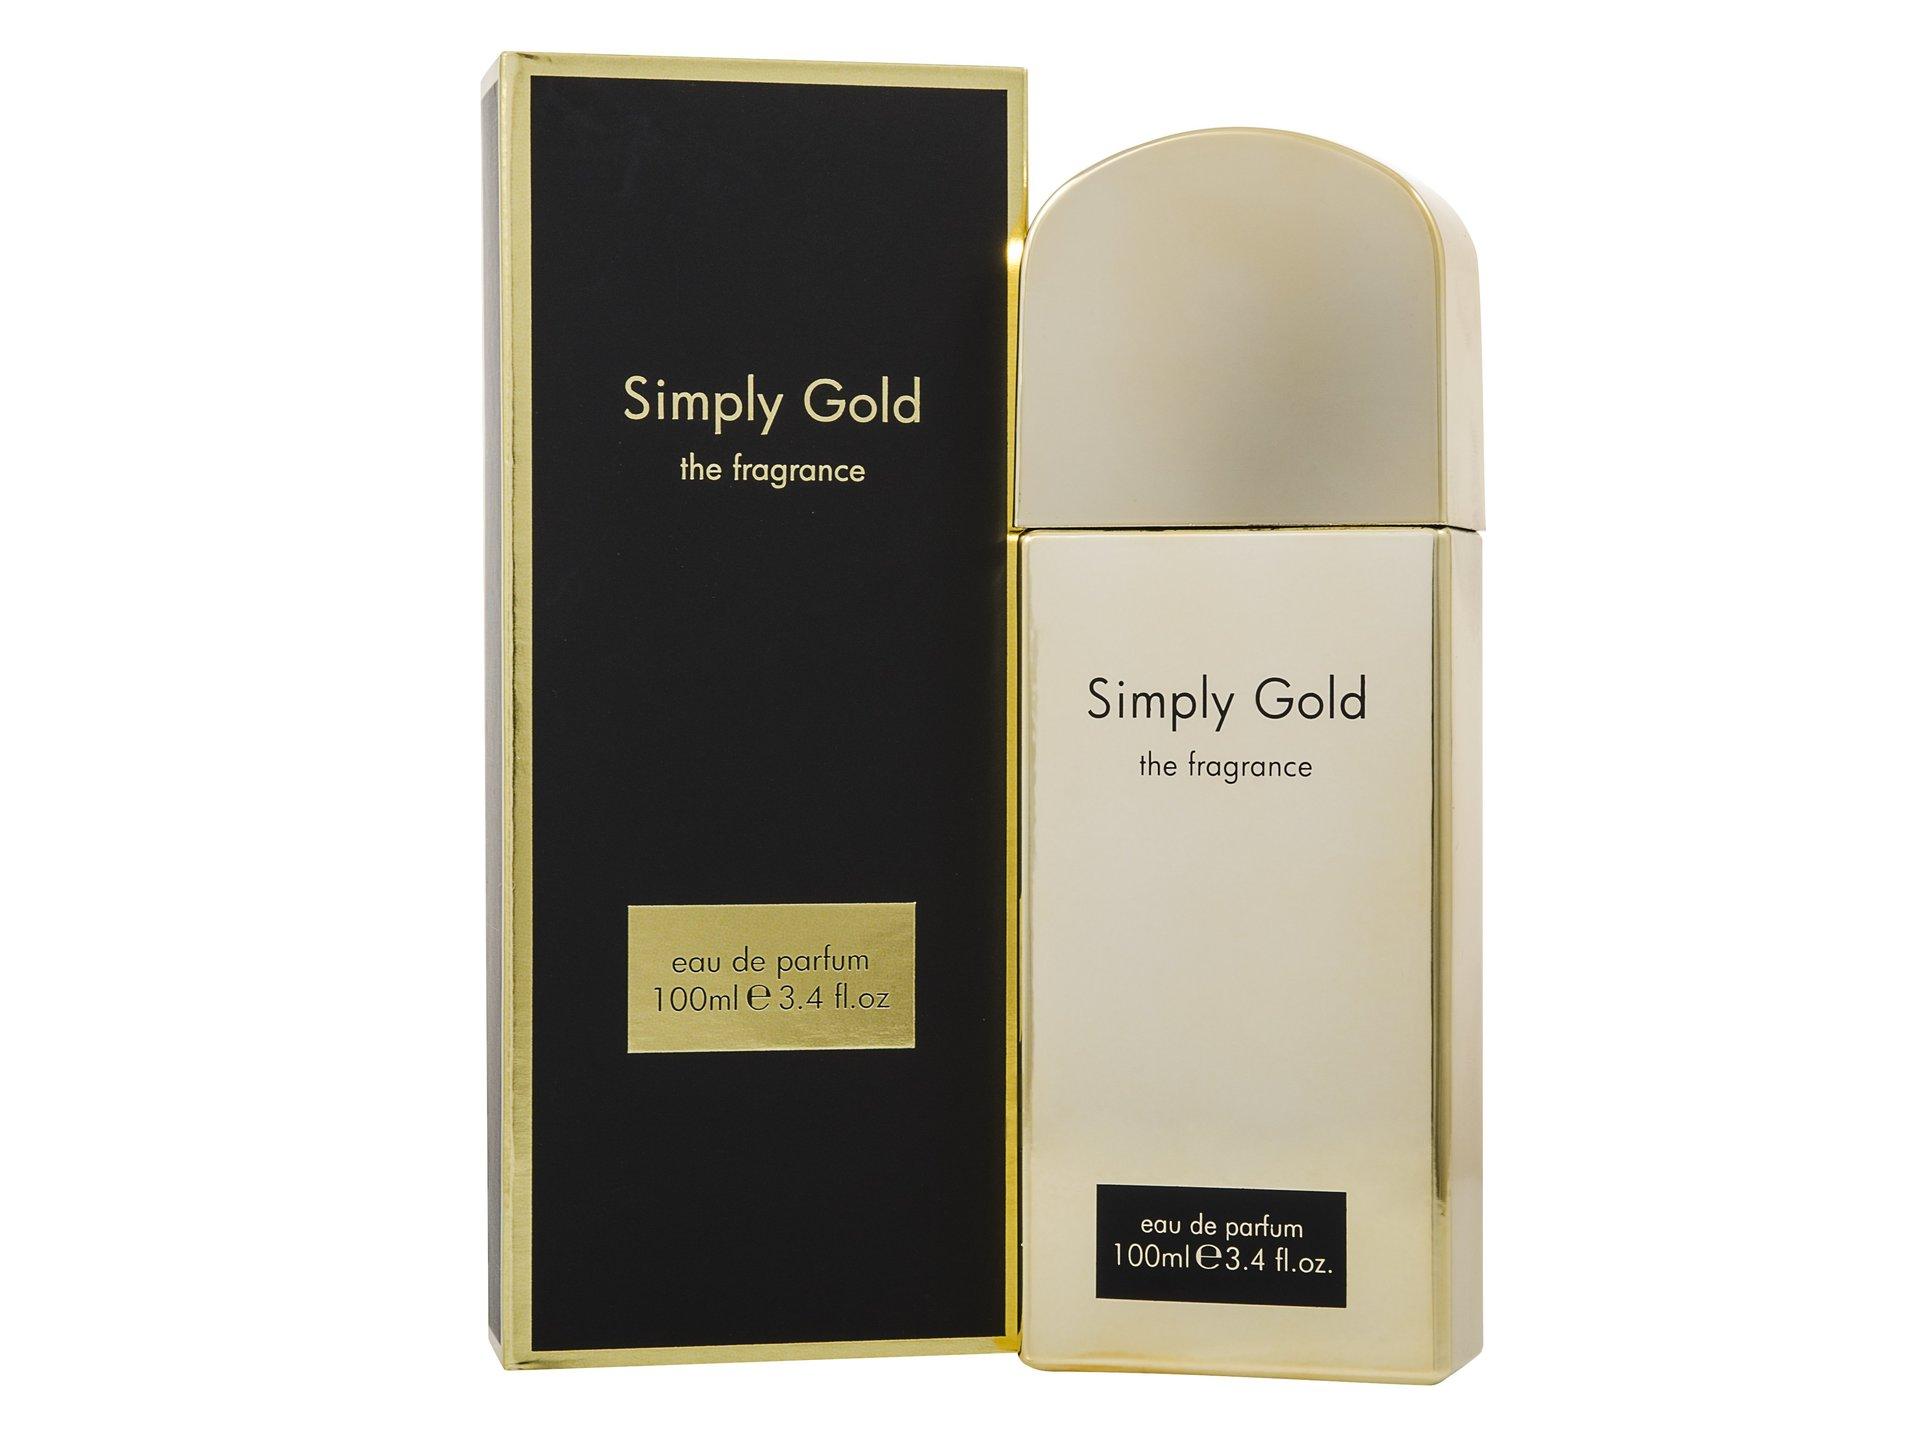 Simply Gold 100ml Eau De Parfum